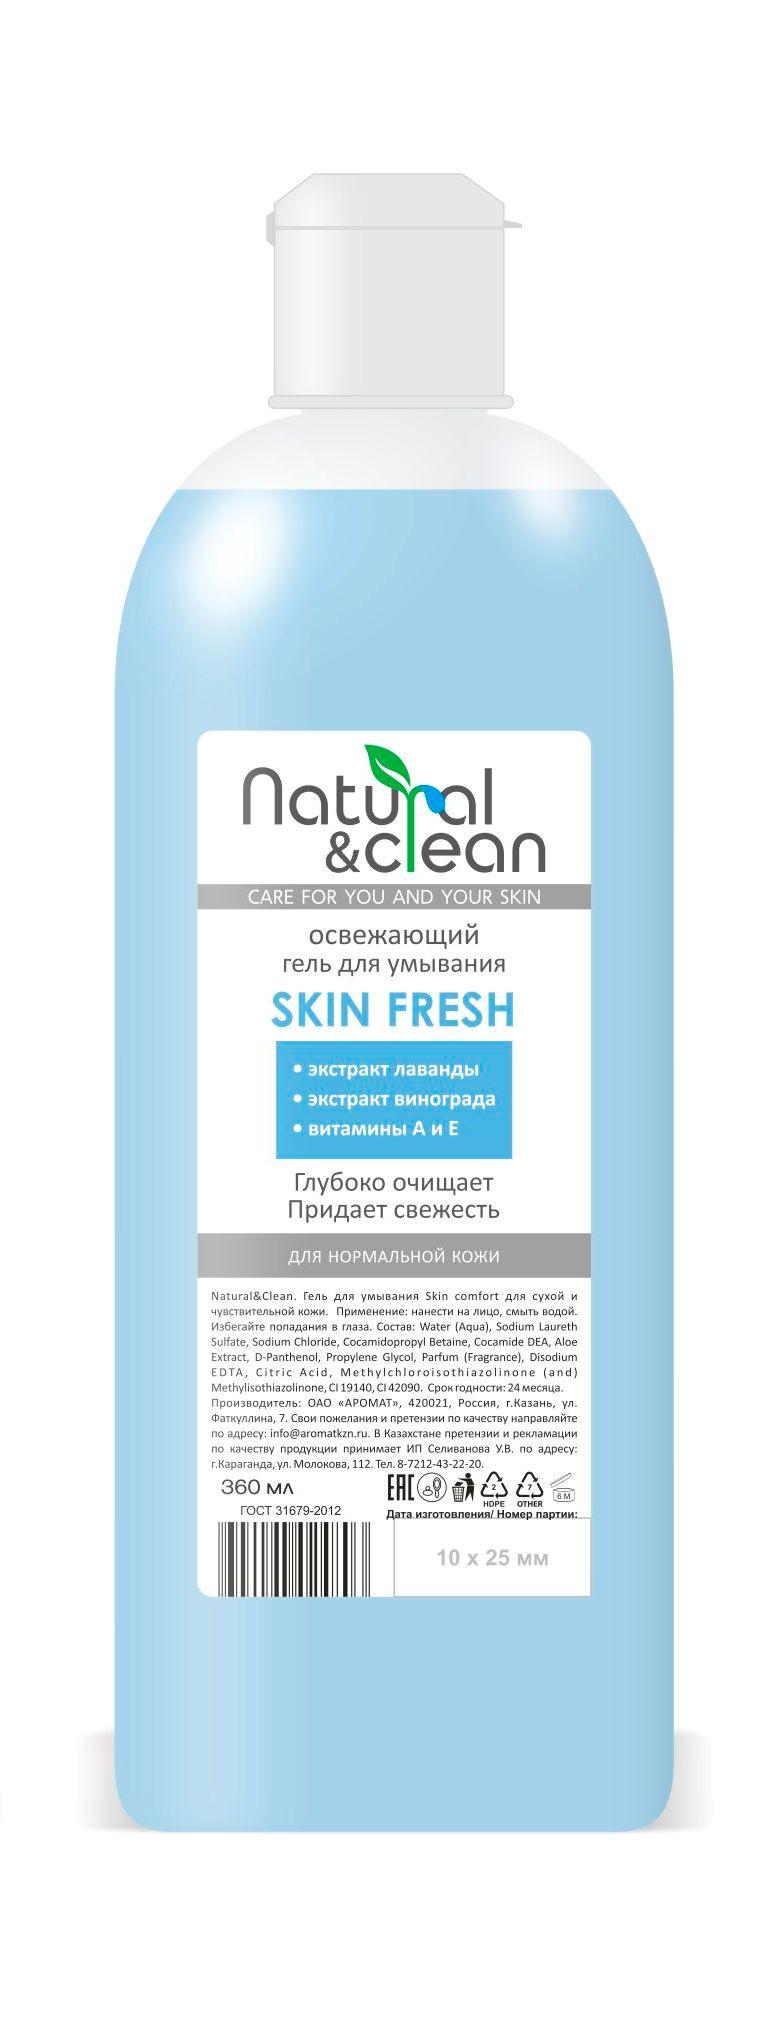 Гель для умывания NATURAL&CLEAN Освежающий Skin Fresh для нормальной кожи, 360 мл дерматофиты кожи